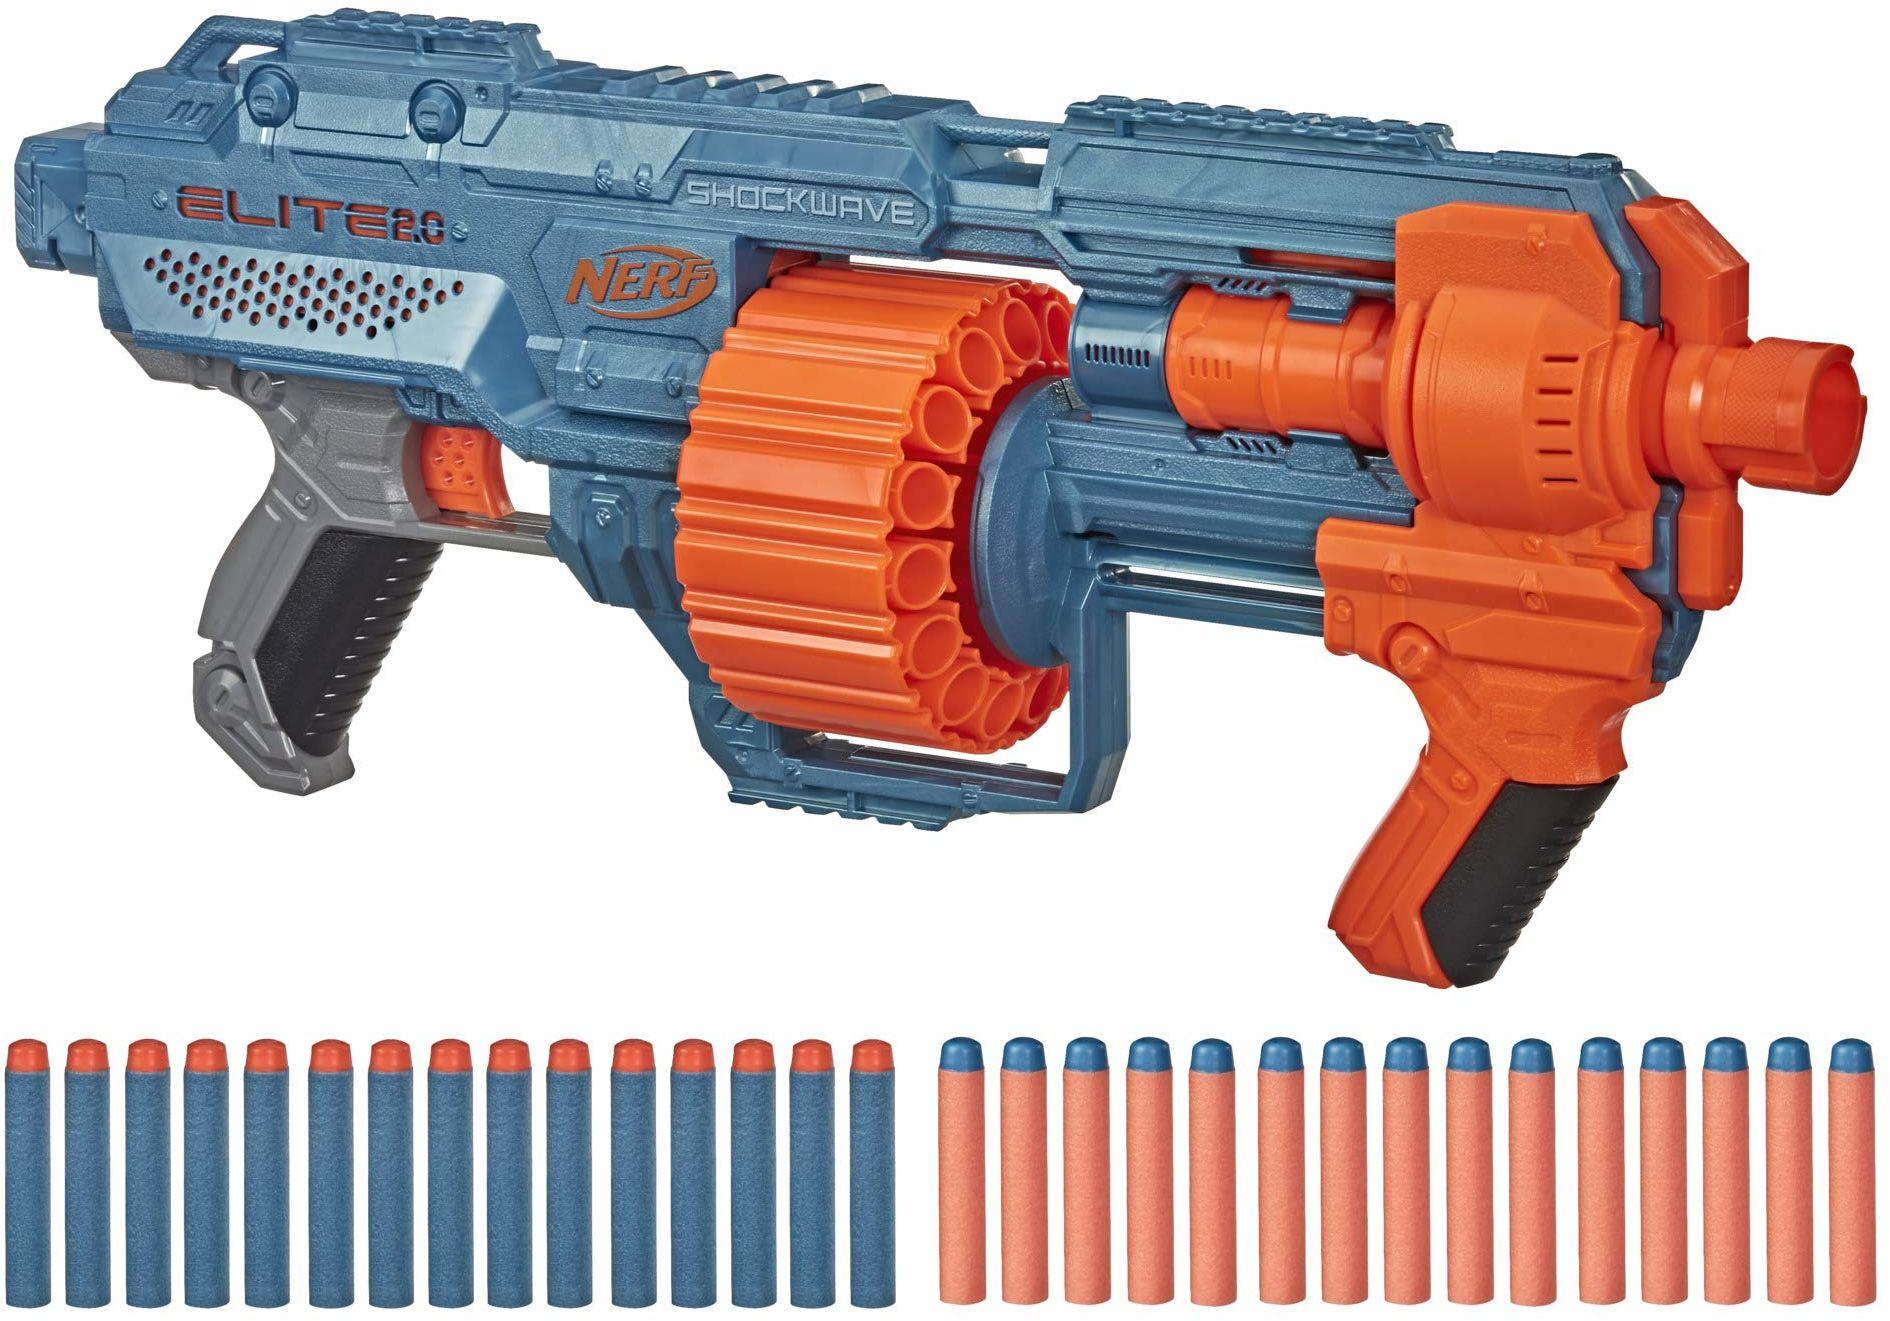 Hasbro E9527F03 Nerf Elite 2 Shockwave RD-15 Blaster, 30 rzutek Nerf, bęben rotacyjny 15 dard, szybkie ognisko z funkcją pompowania, z opcjami rozszerzenia, łatwe opakowanie